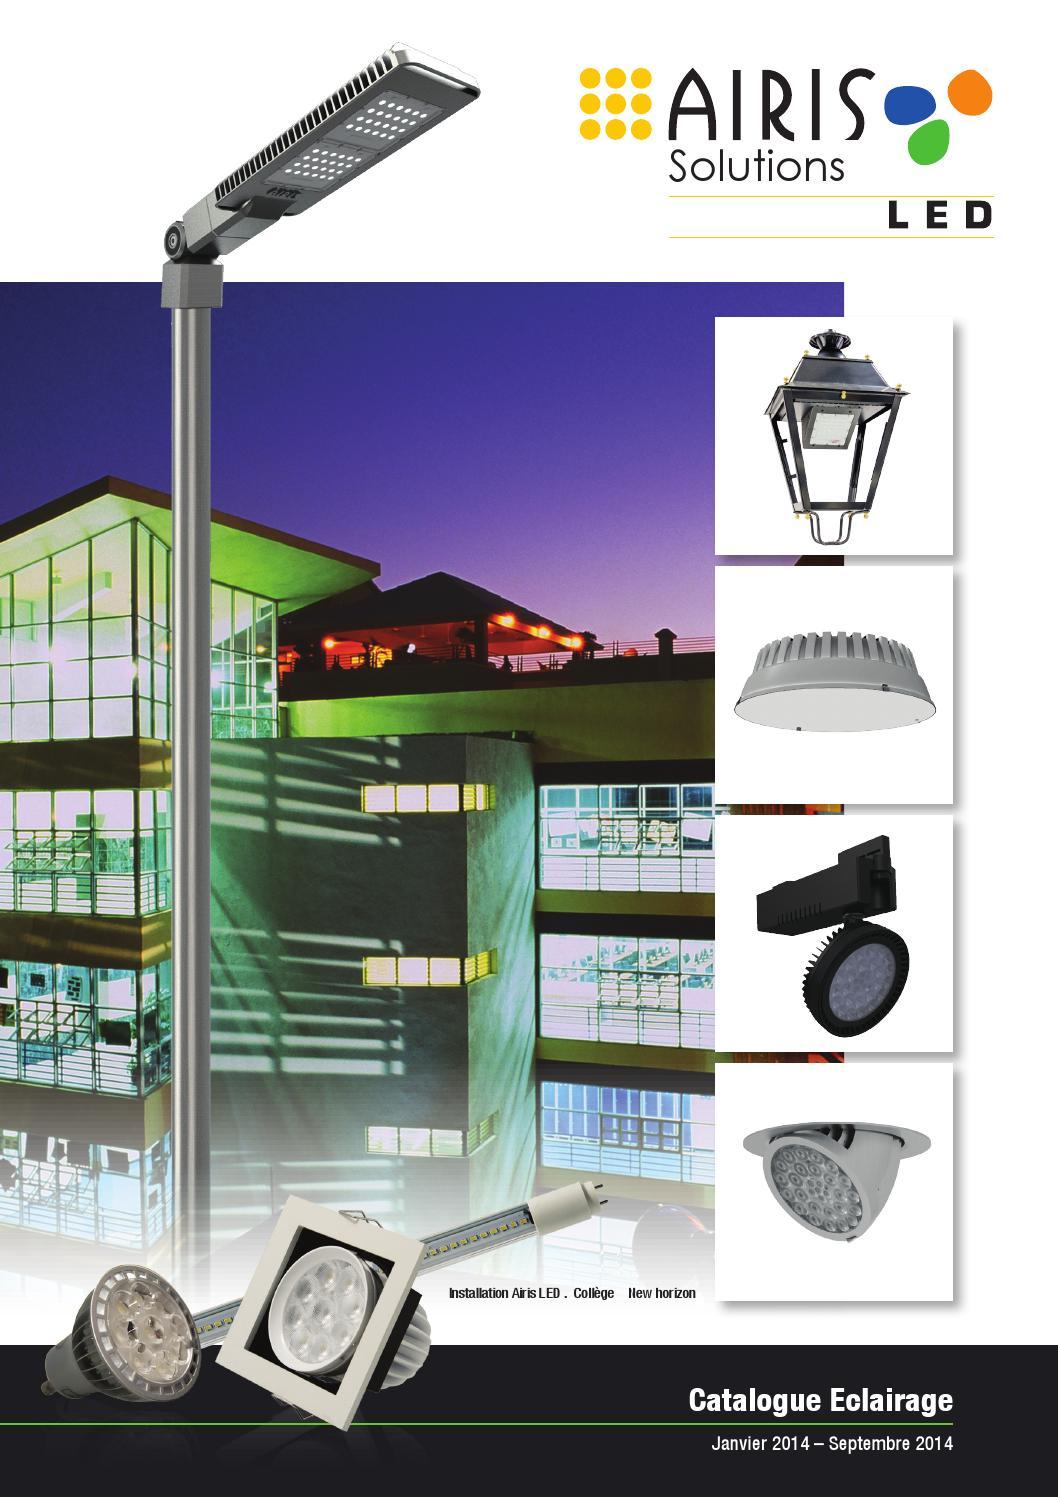 Catalogue by airis led issuu for Catalogo osram led